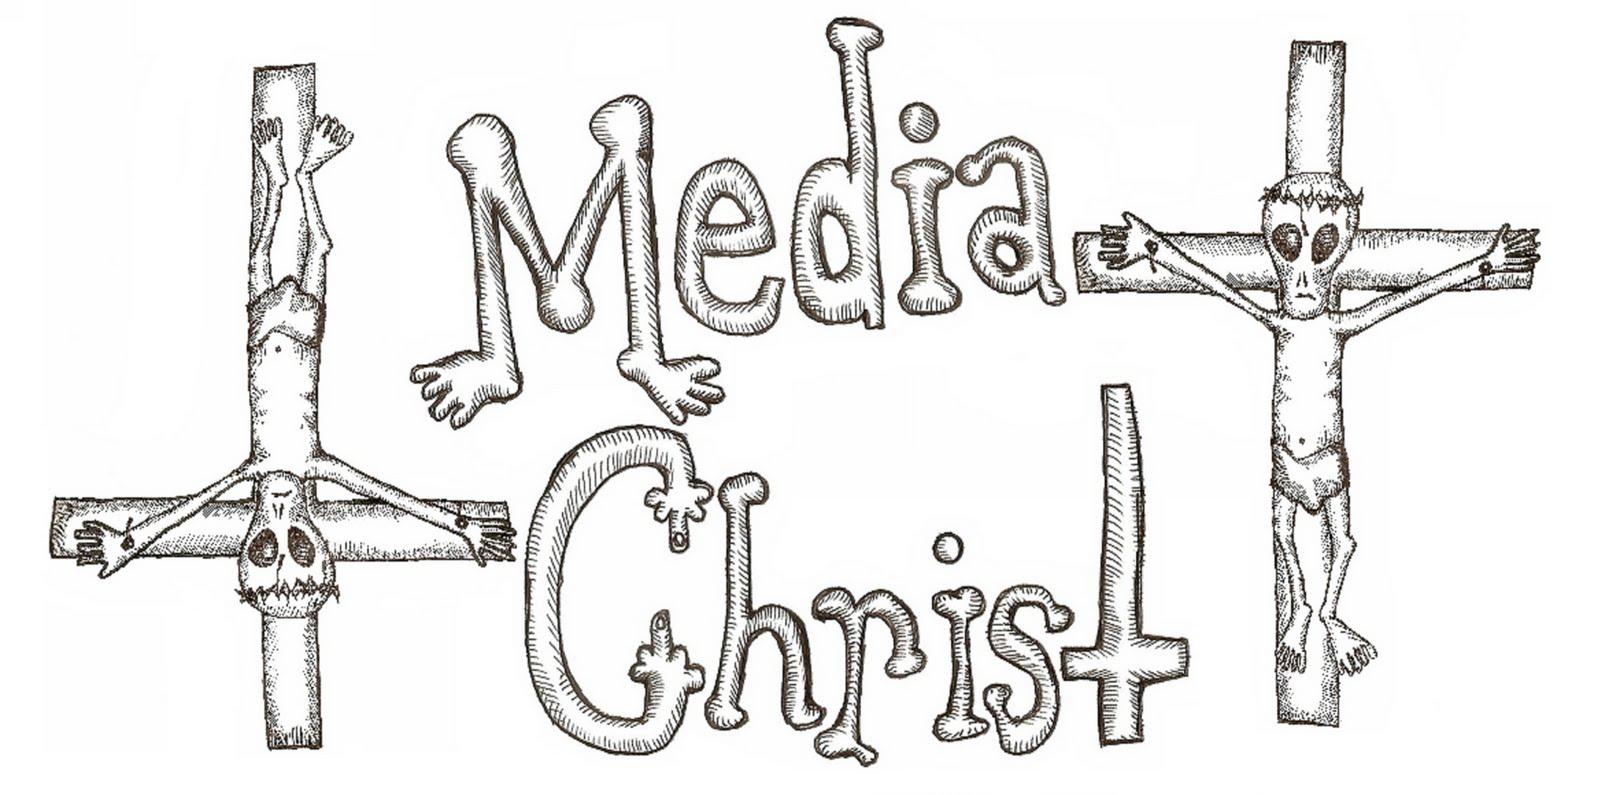 MEDIA CHRIST